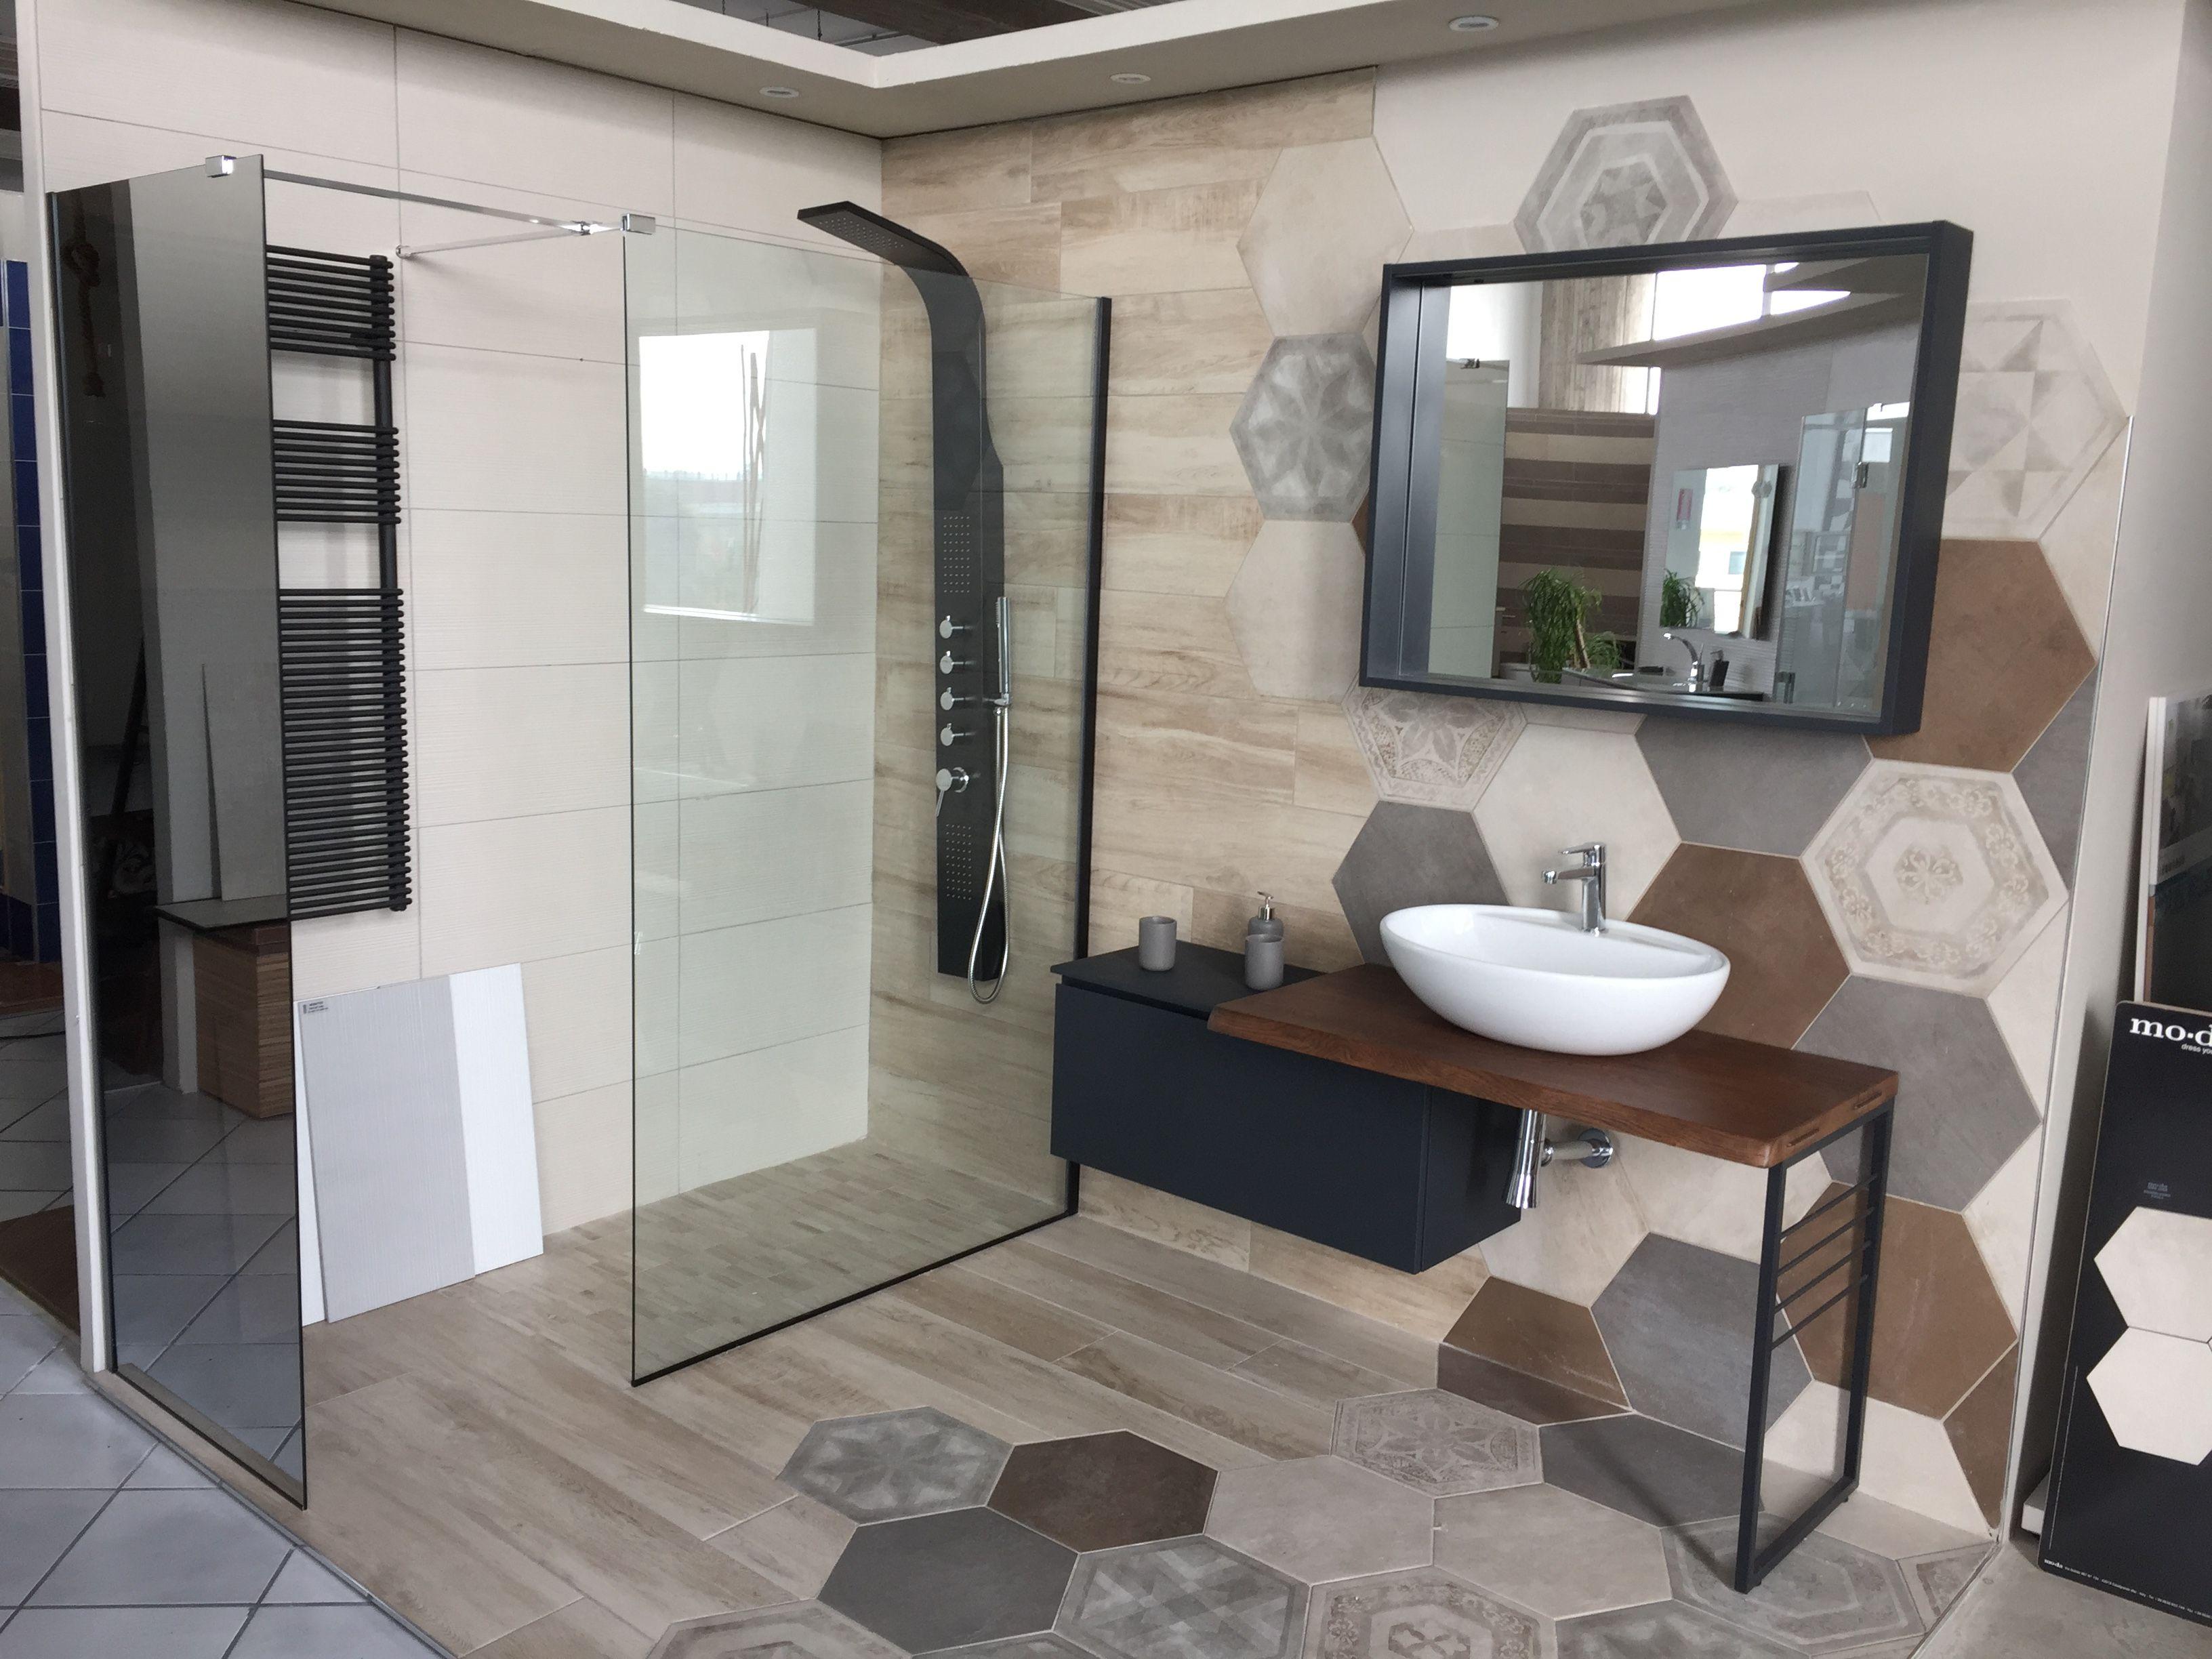 Bagno Parquet ~ Bagno industriale grès effetto legno ed esagona mobile bagno con